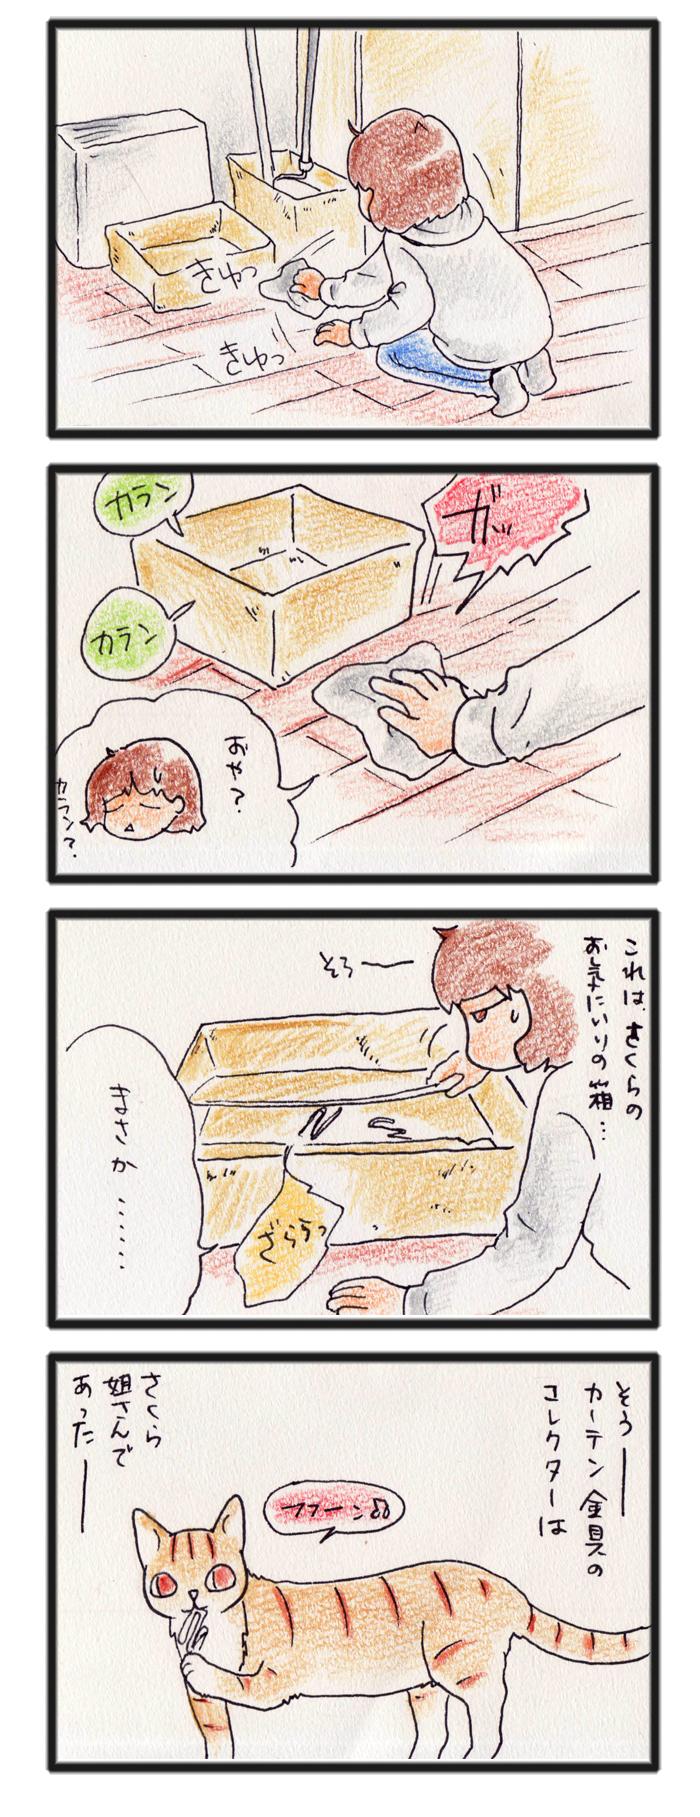 comic_4c_15020102.jpg